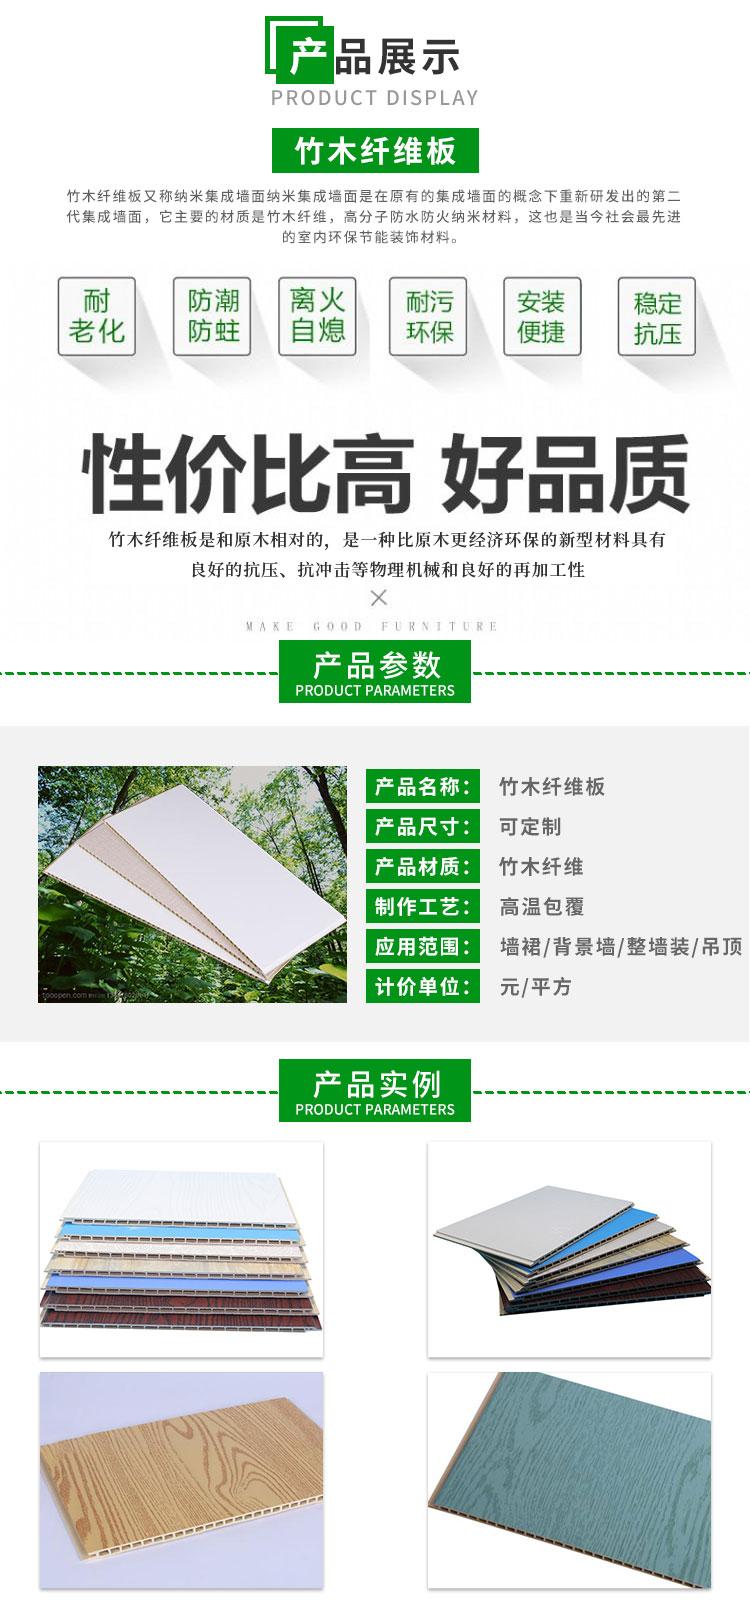 竹木纤维板多少钱一平 竹木纤维集成墙板批发价格 规格齐全 全国直供 欢迎下单 呆呆熊装饰材料